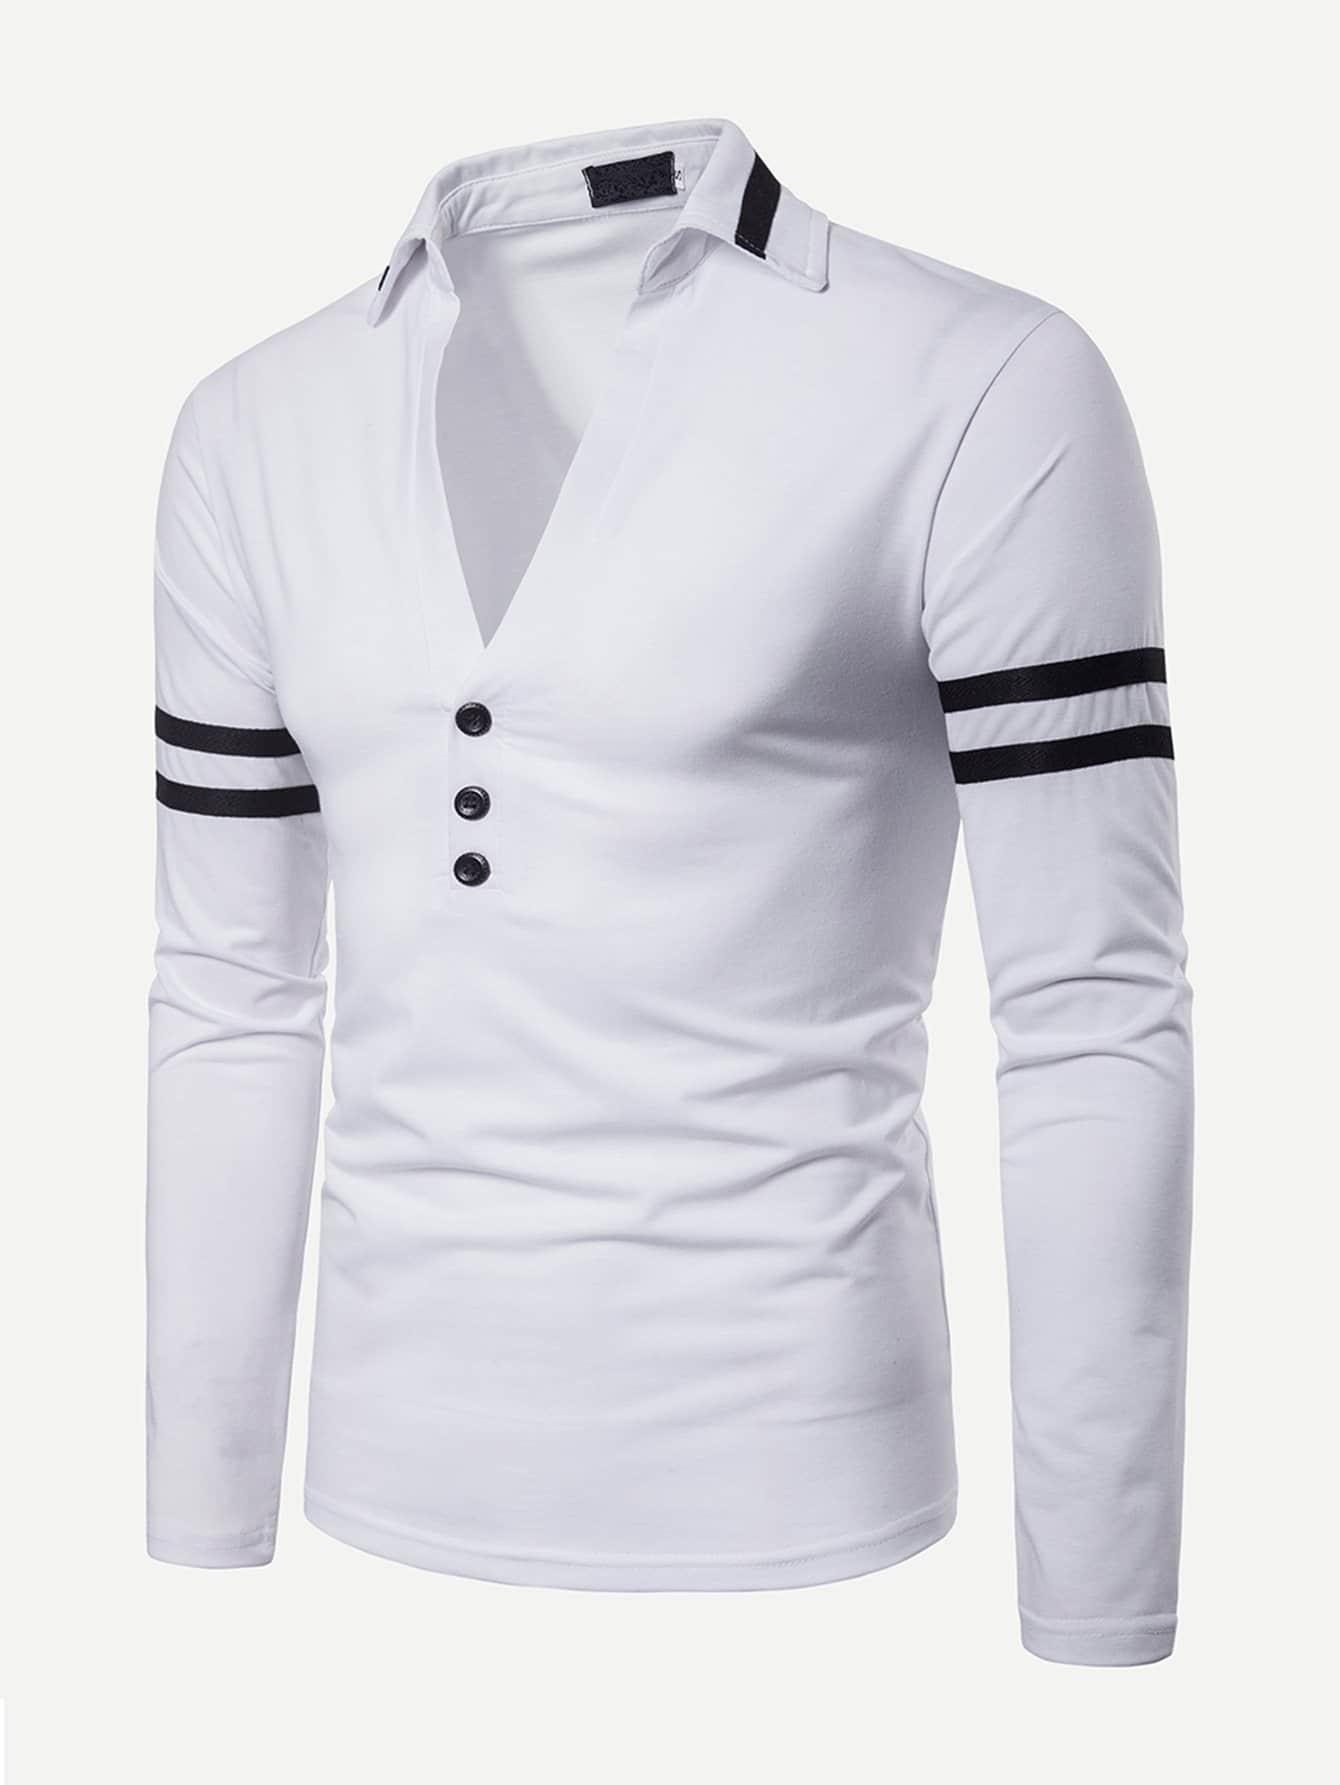 Купить Varsity Полосатая поло футболка с V-образным вырезом для мужчины, null, SheIn